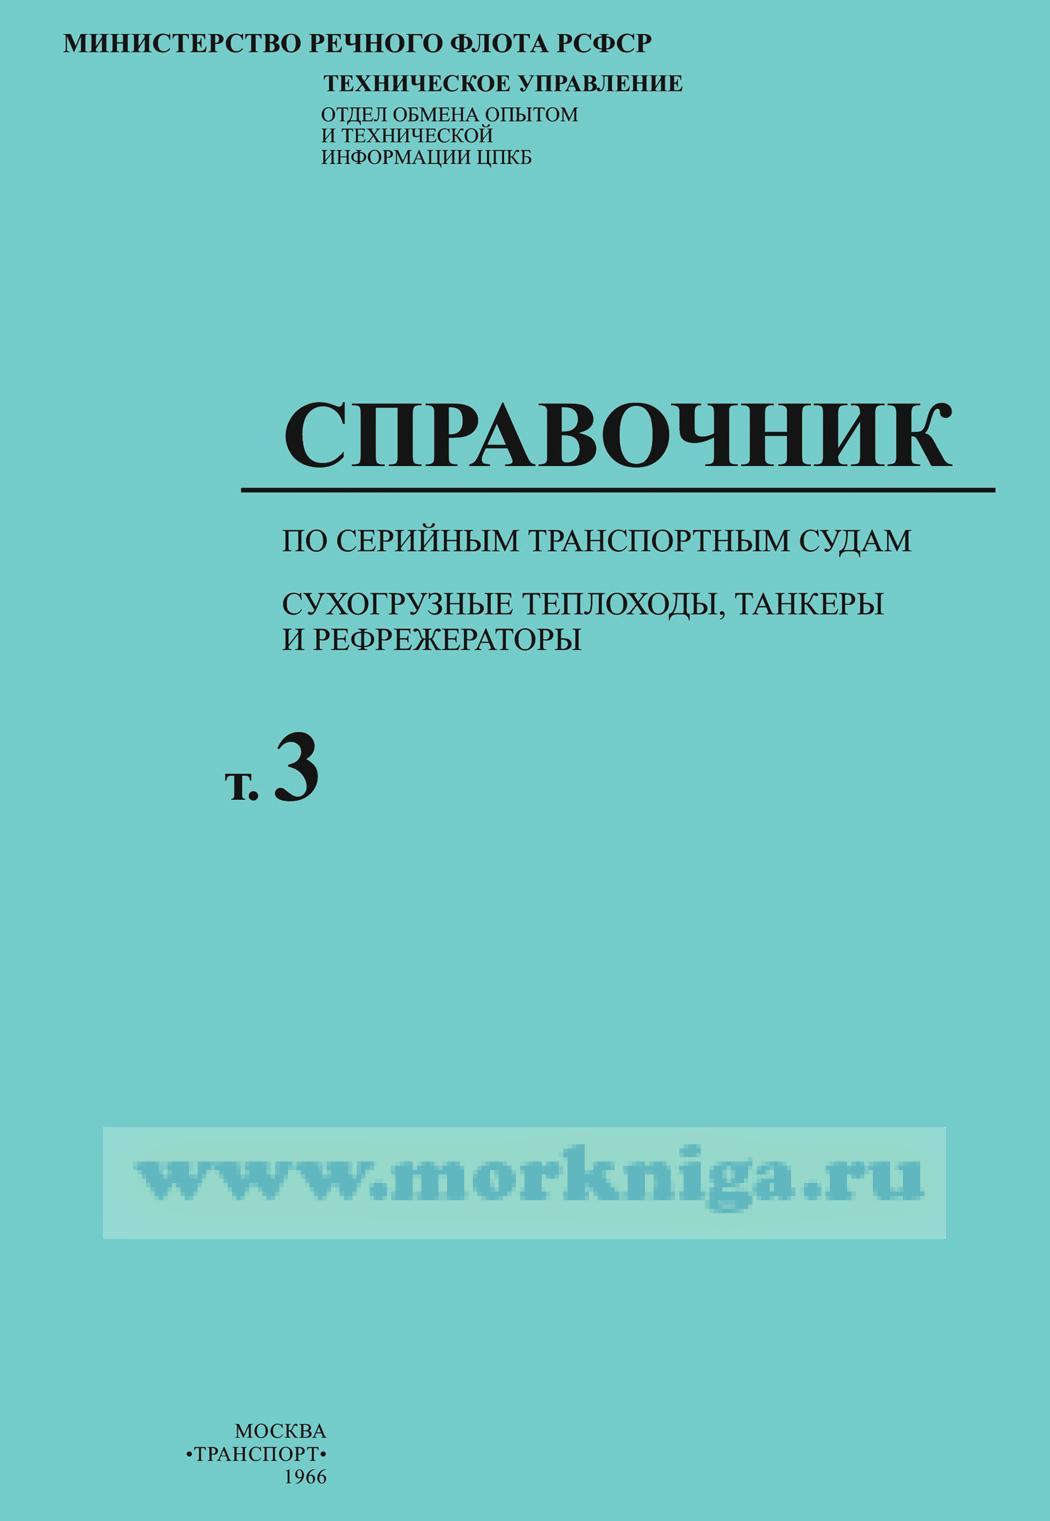 Справочник по серийным транспортным судам. Том 3. Портовый, стоечный и вспомогательный флот